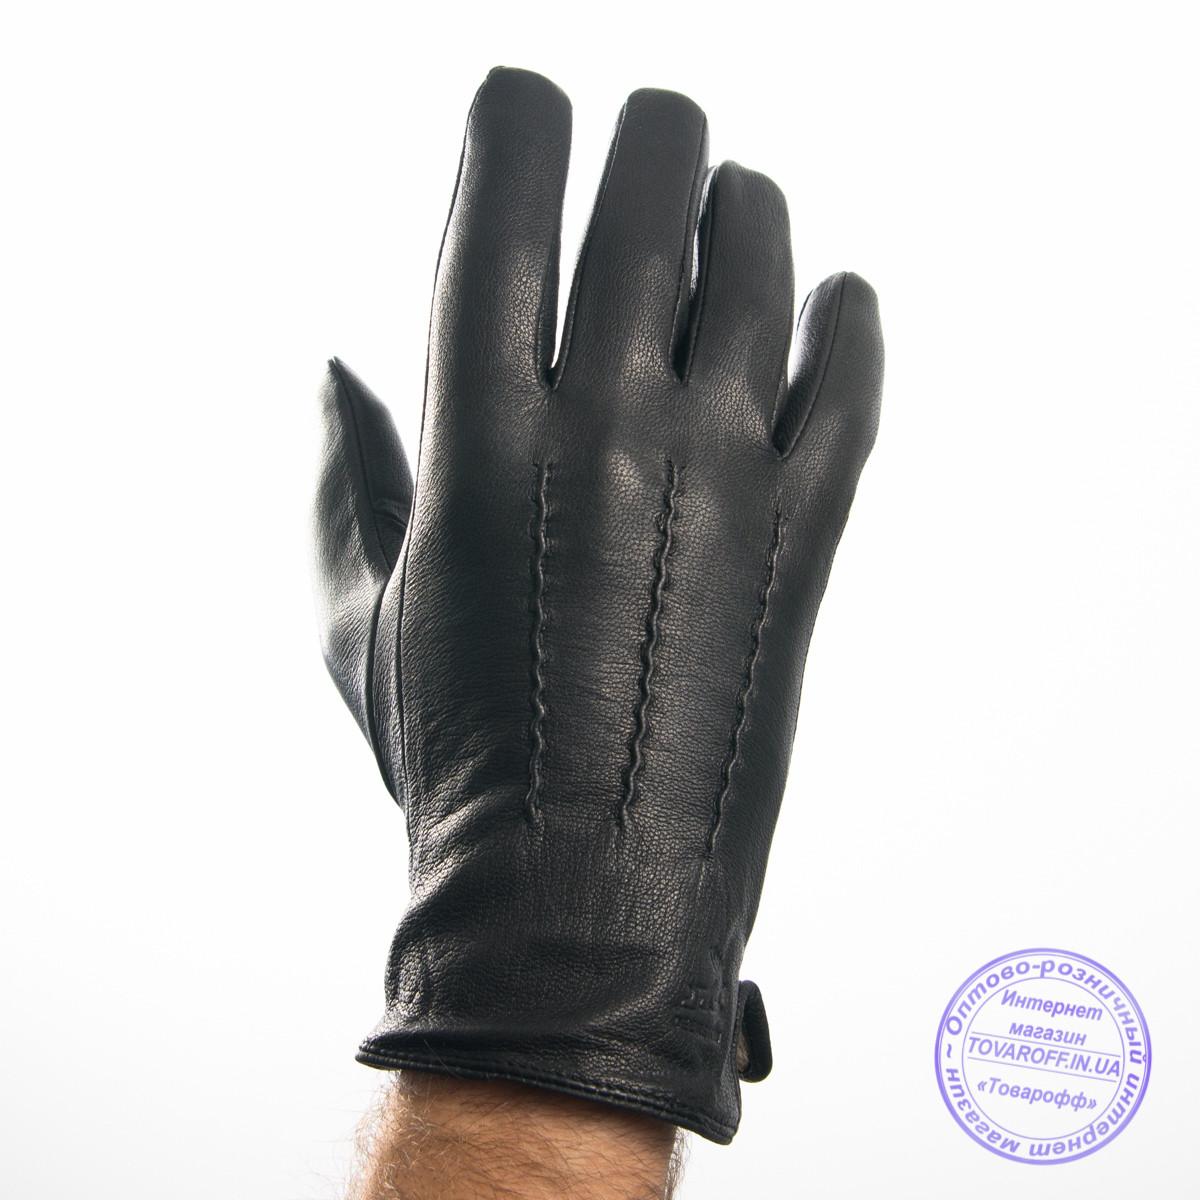 Оптом чоловічі шкіряні рукавички з оленячої шкіри з вовняної підкладкою - №M31-4